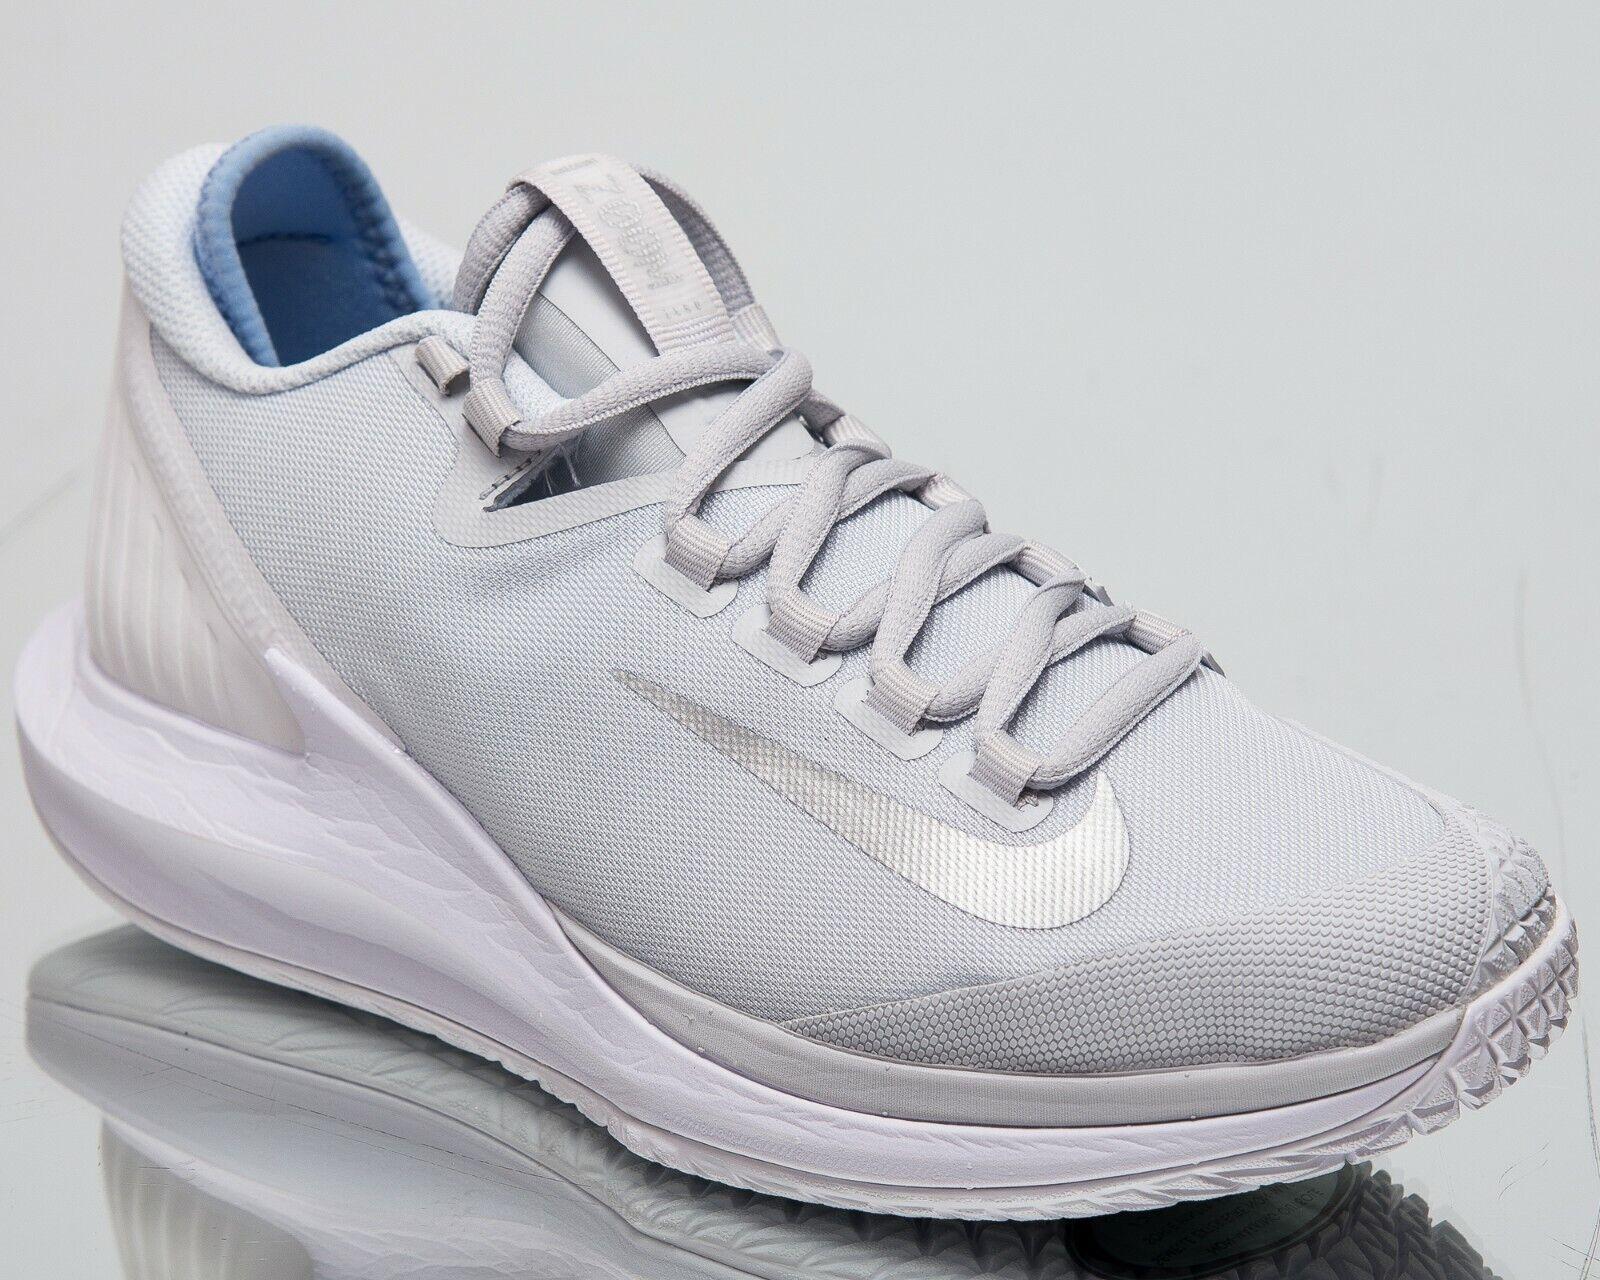 Nike señora señora señora patio aire zoom cero HC nuevo zapatillas de tenis Pure Platinum aa8022-001  Obtén lo ultimo